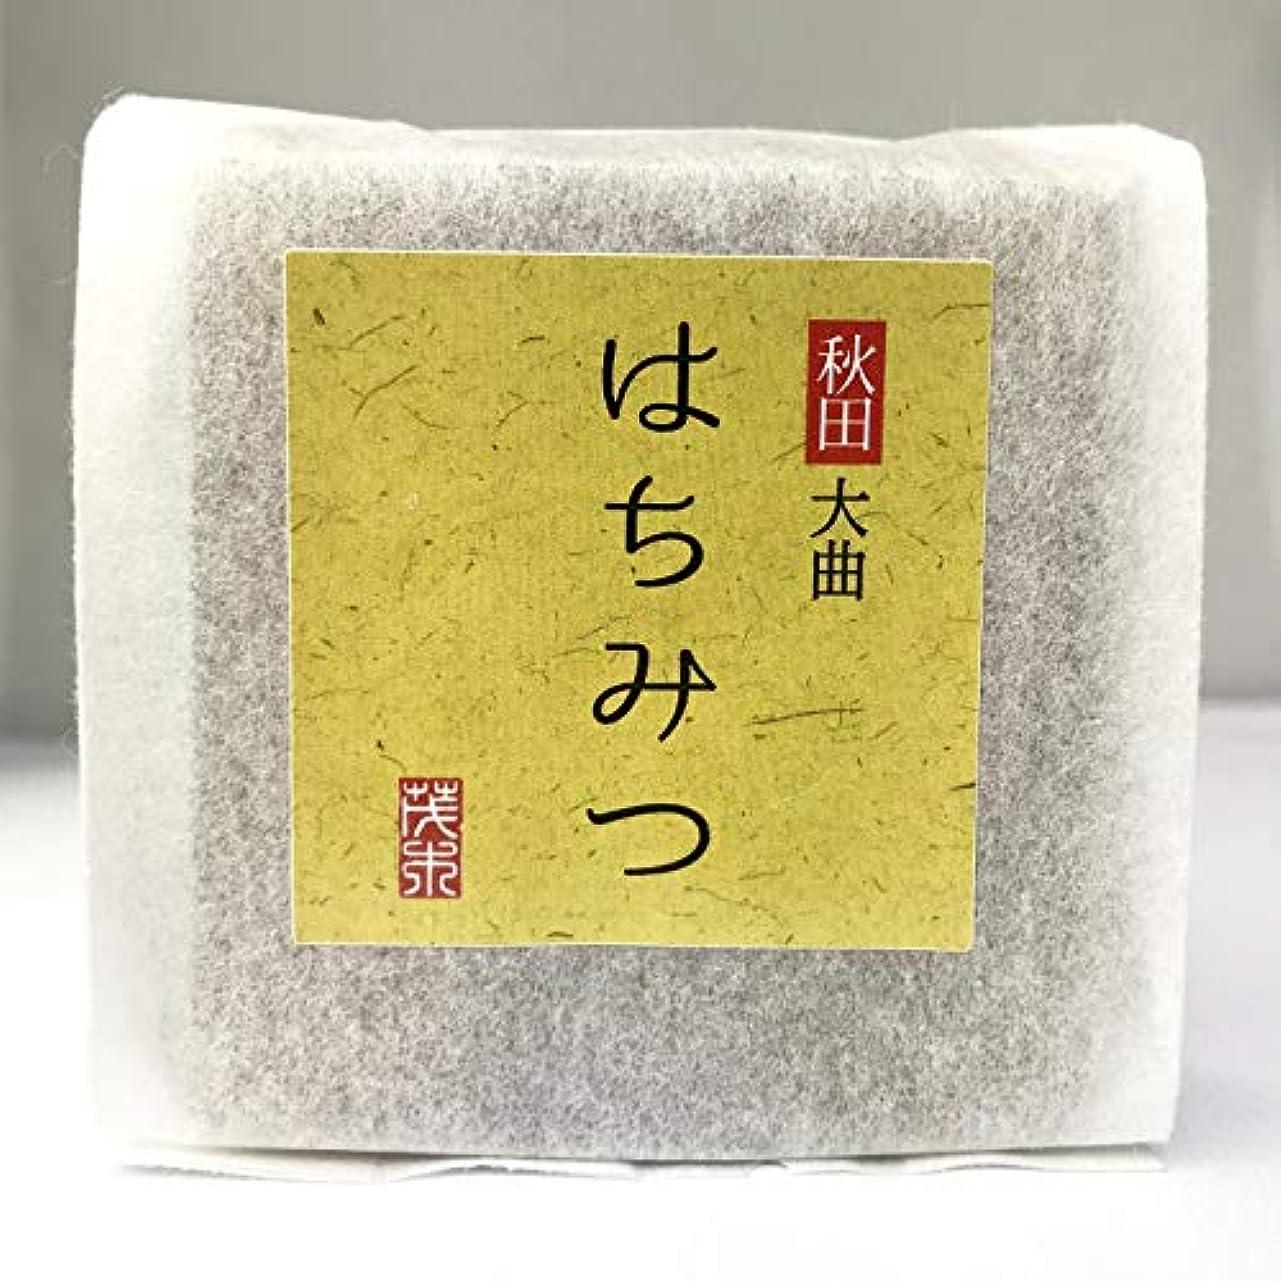 無添加石鹸 はちみつ石鹸 100g